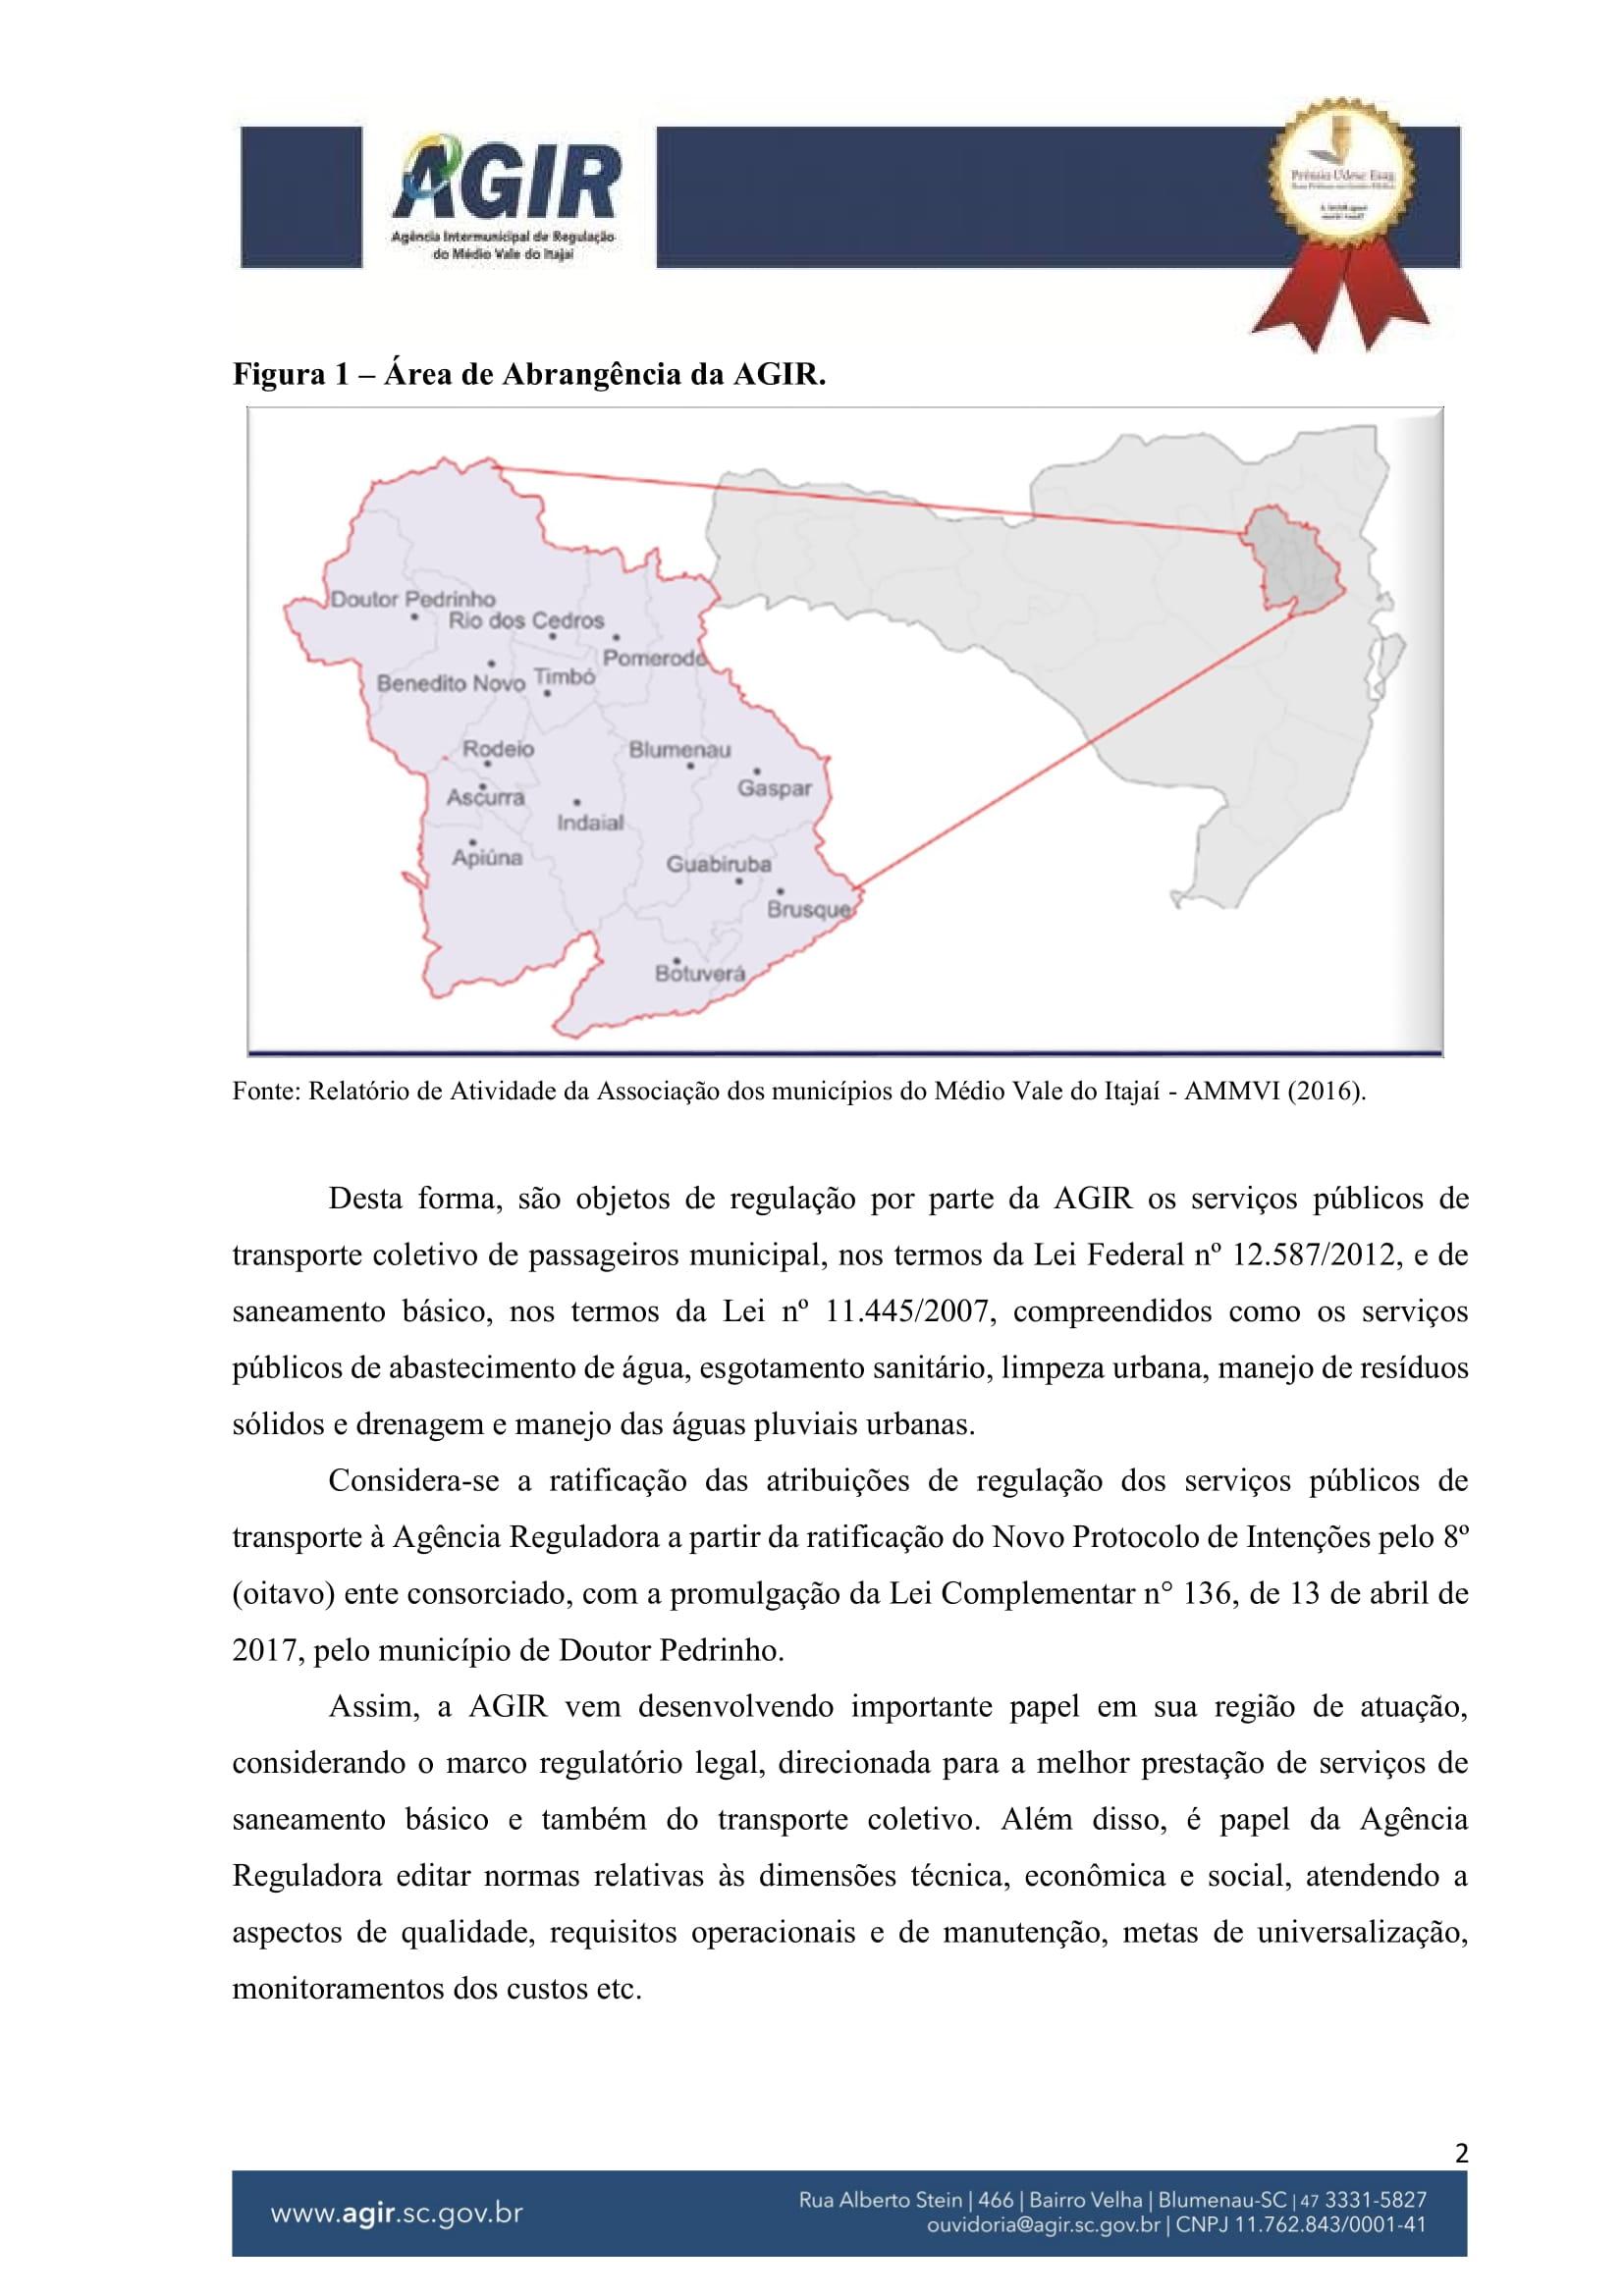 Parecer Administrativo nº 70-2018-02